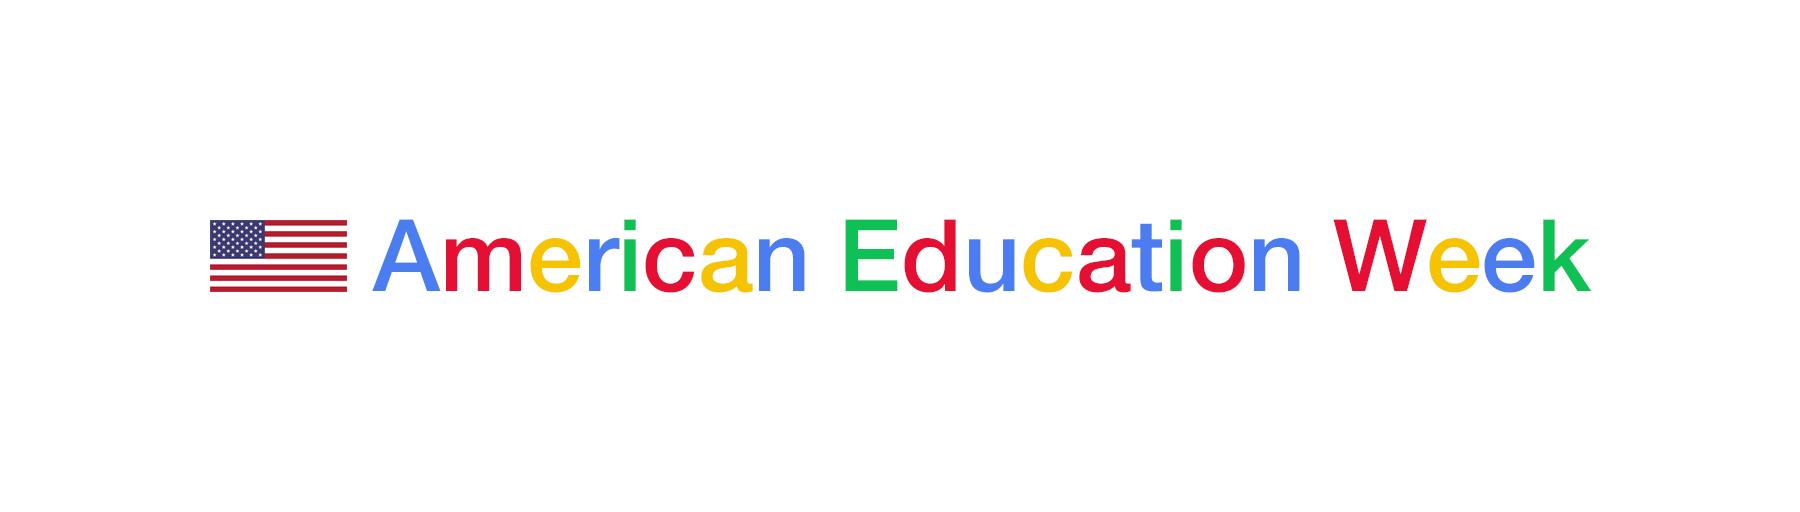 America Education week